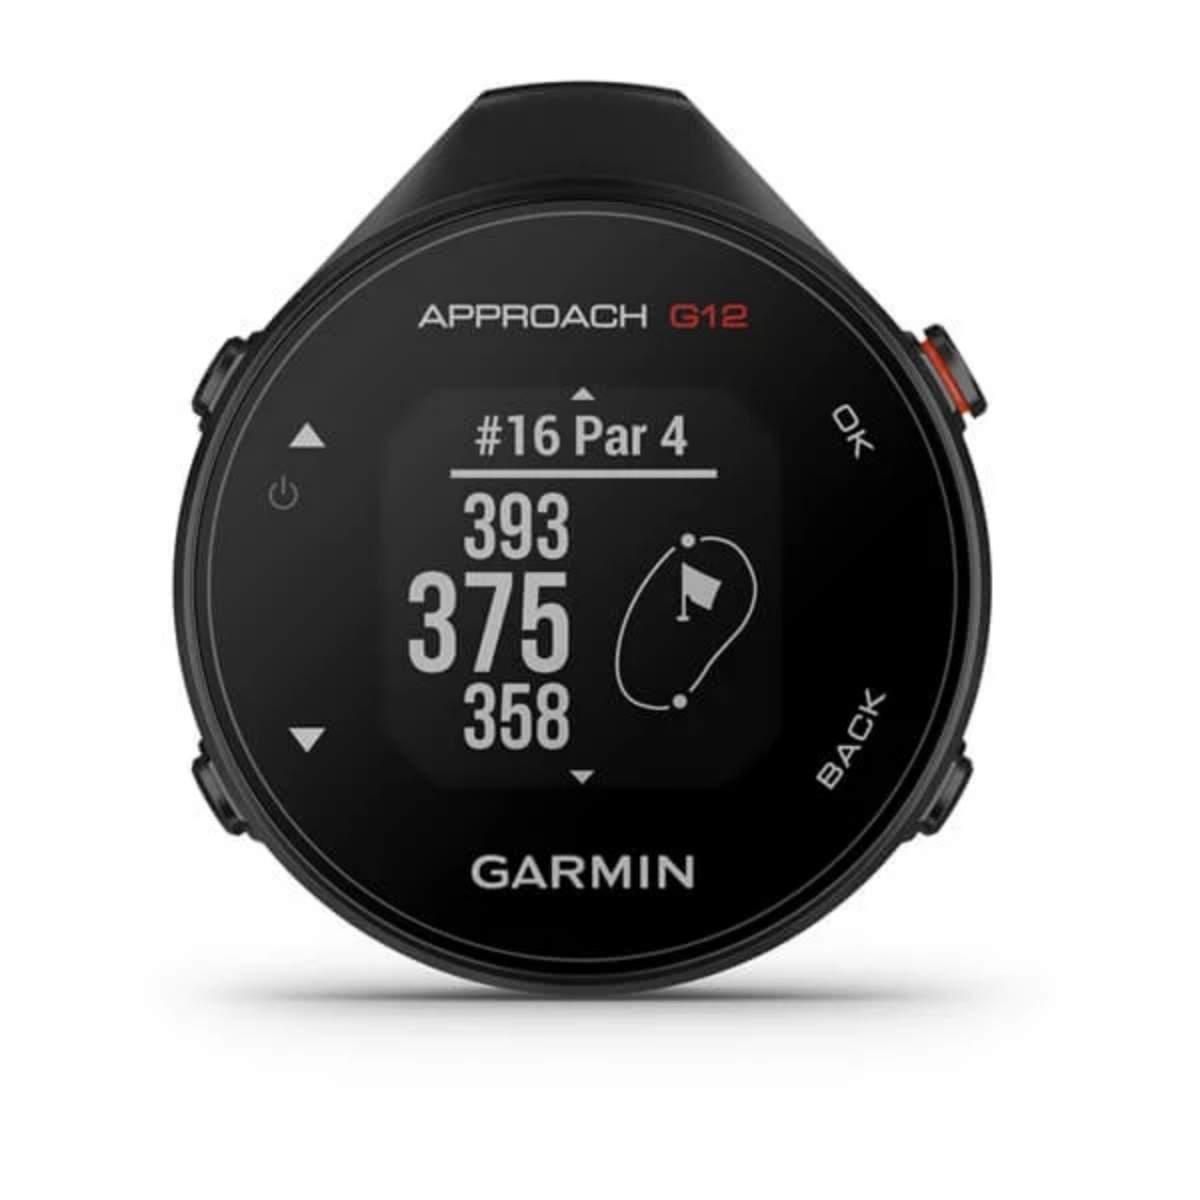 Garmin Approach G12 Golf GPS Unit